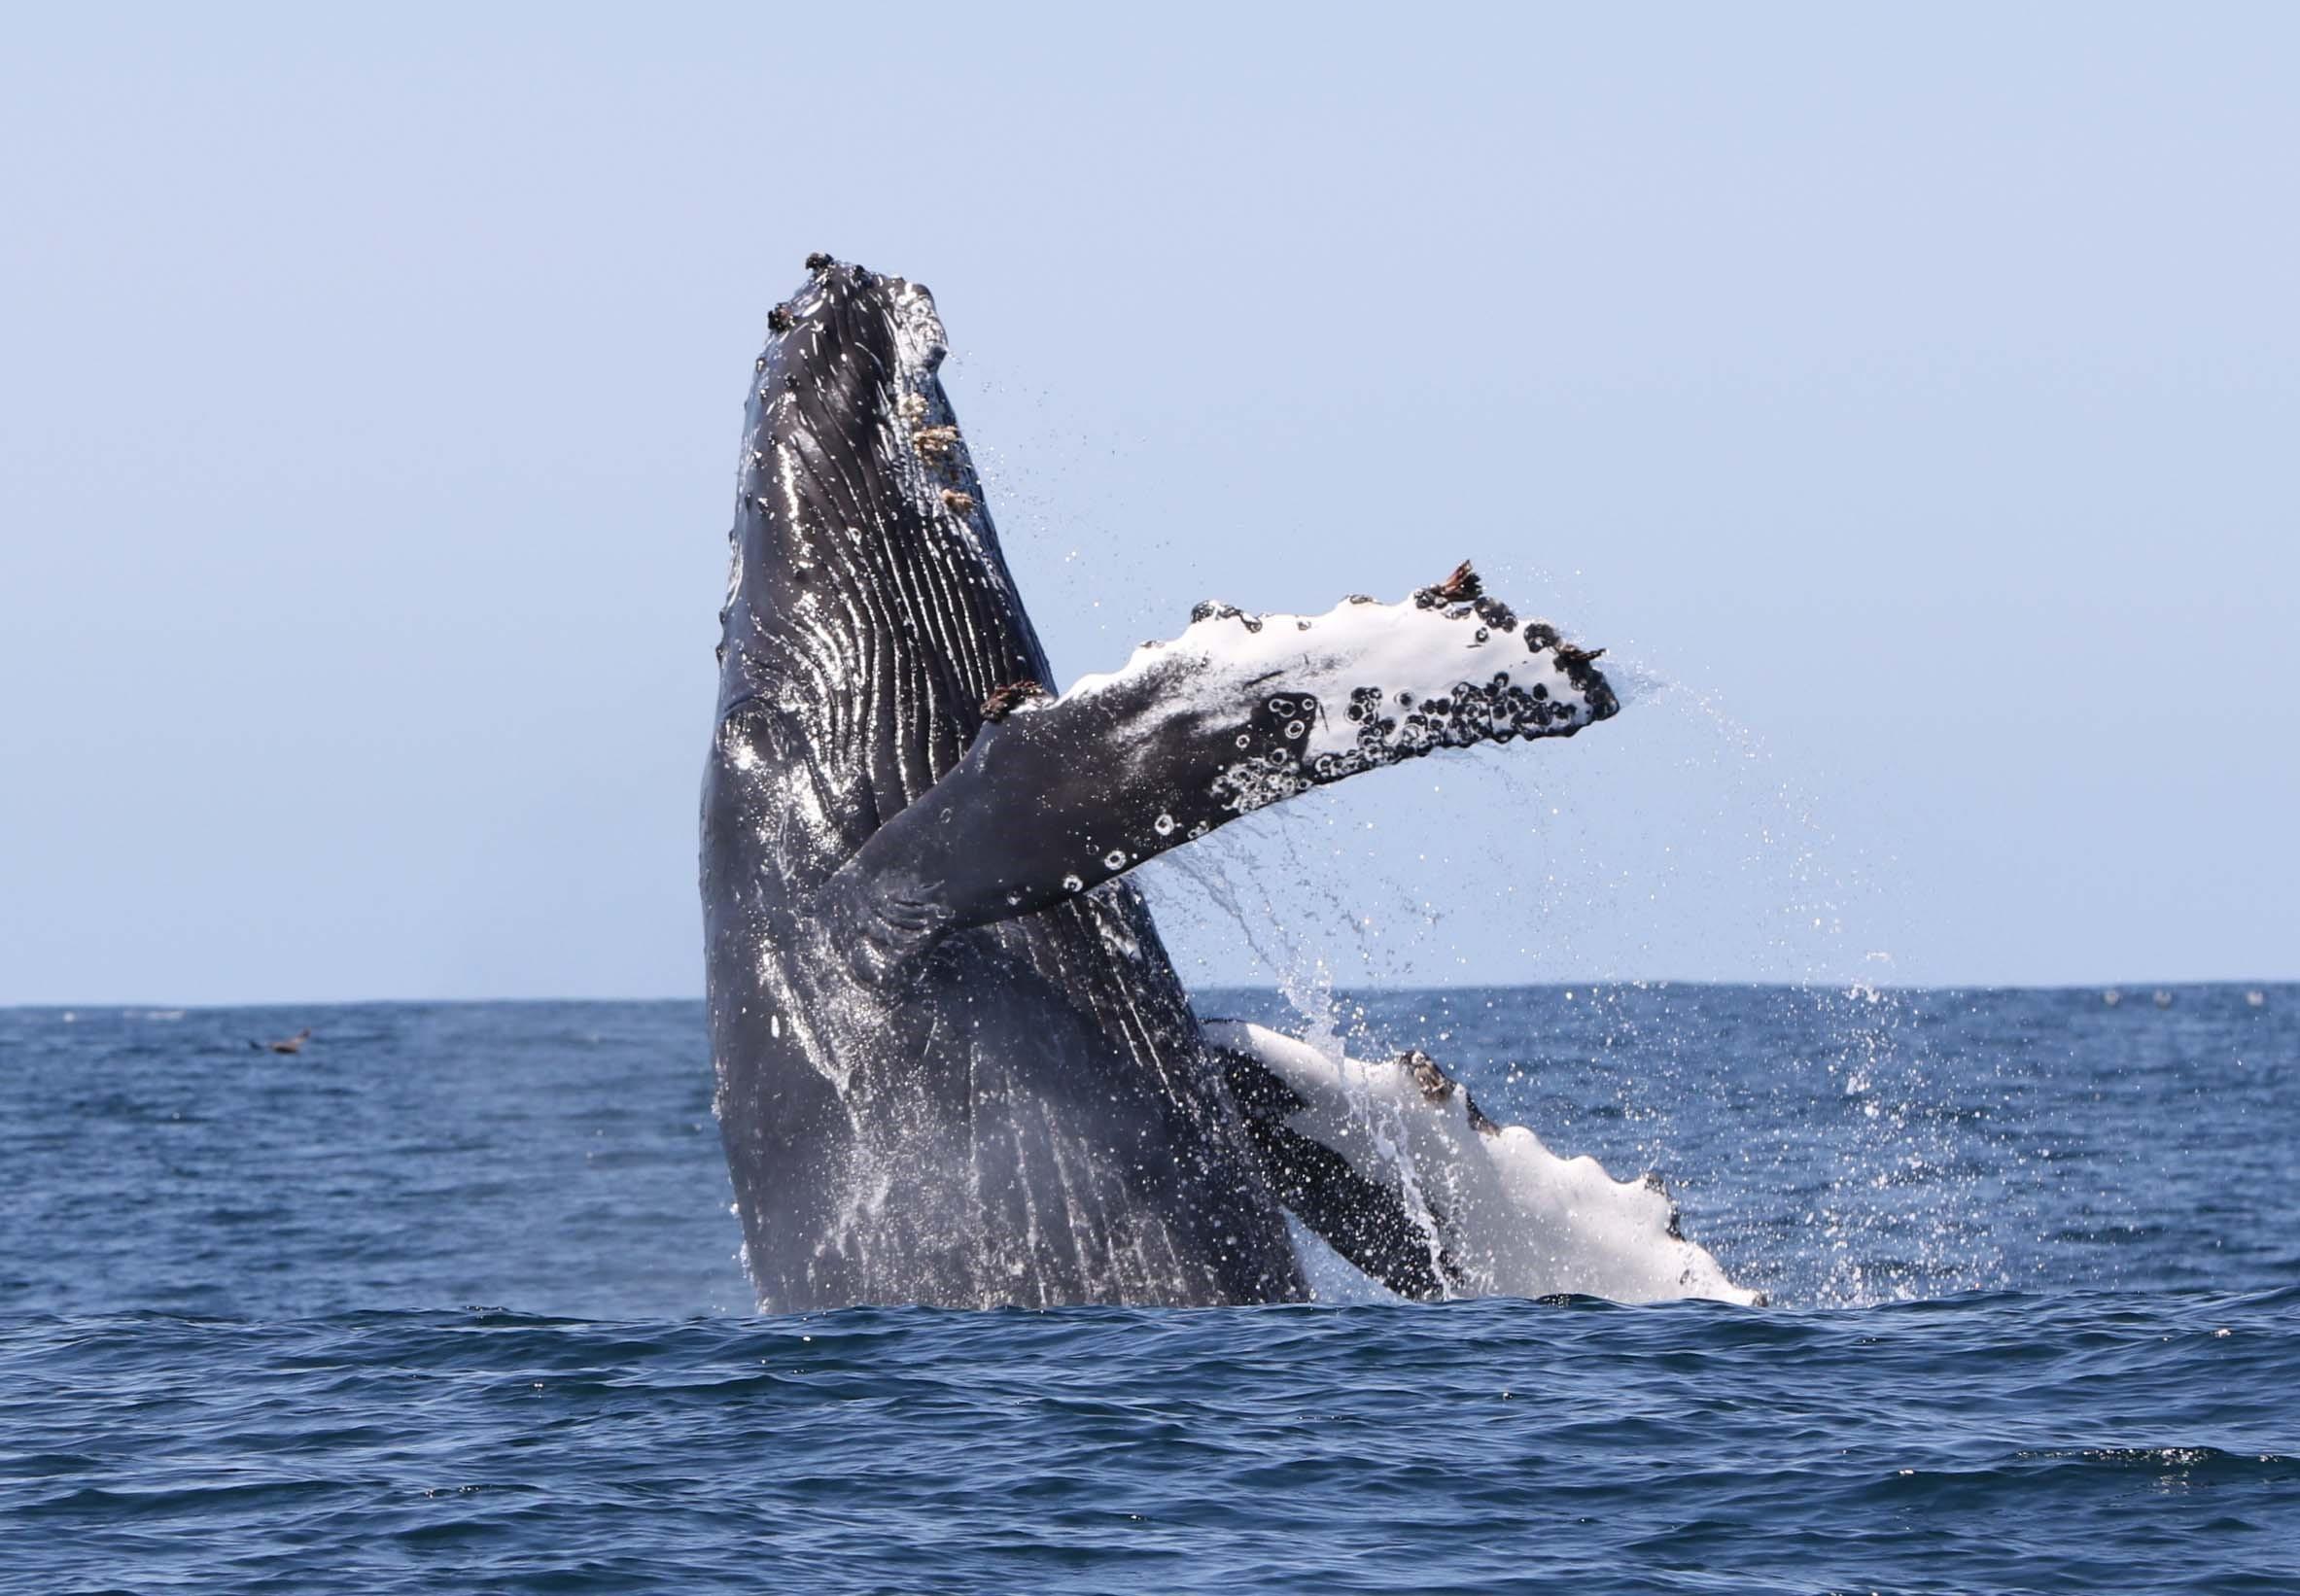 Una megattera si esibisce nelle acque dei fiordi occidentali.